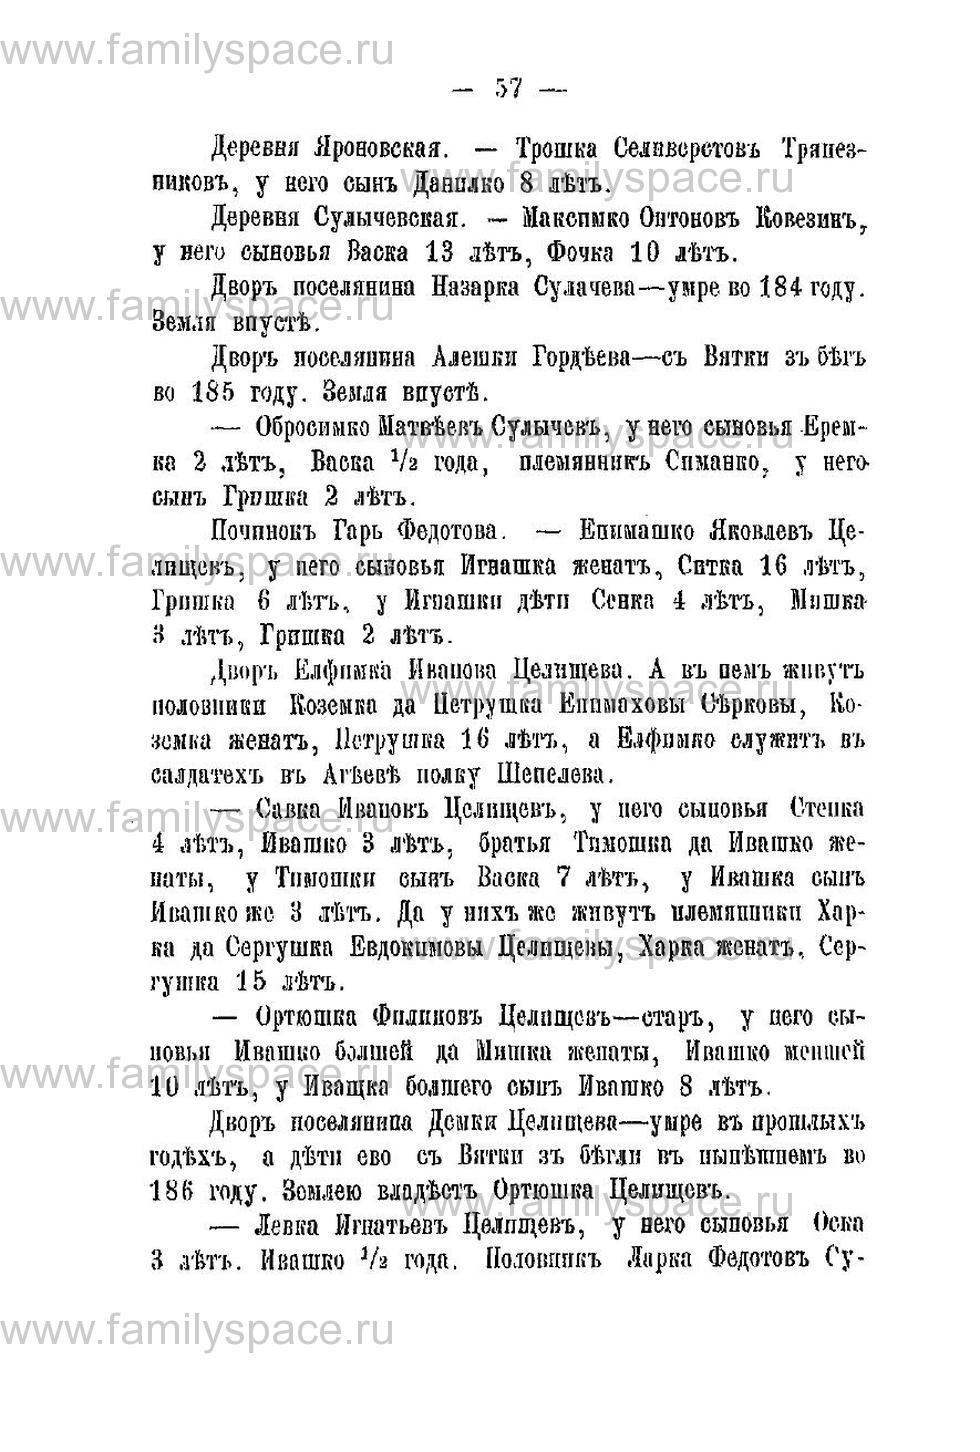 Поиск по фамилии - Переписная книга Орлова и волостей 1678 г, страница 53